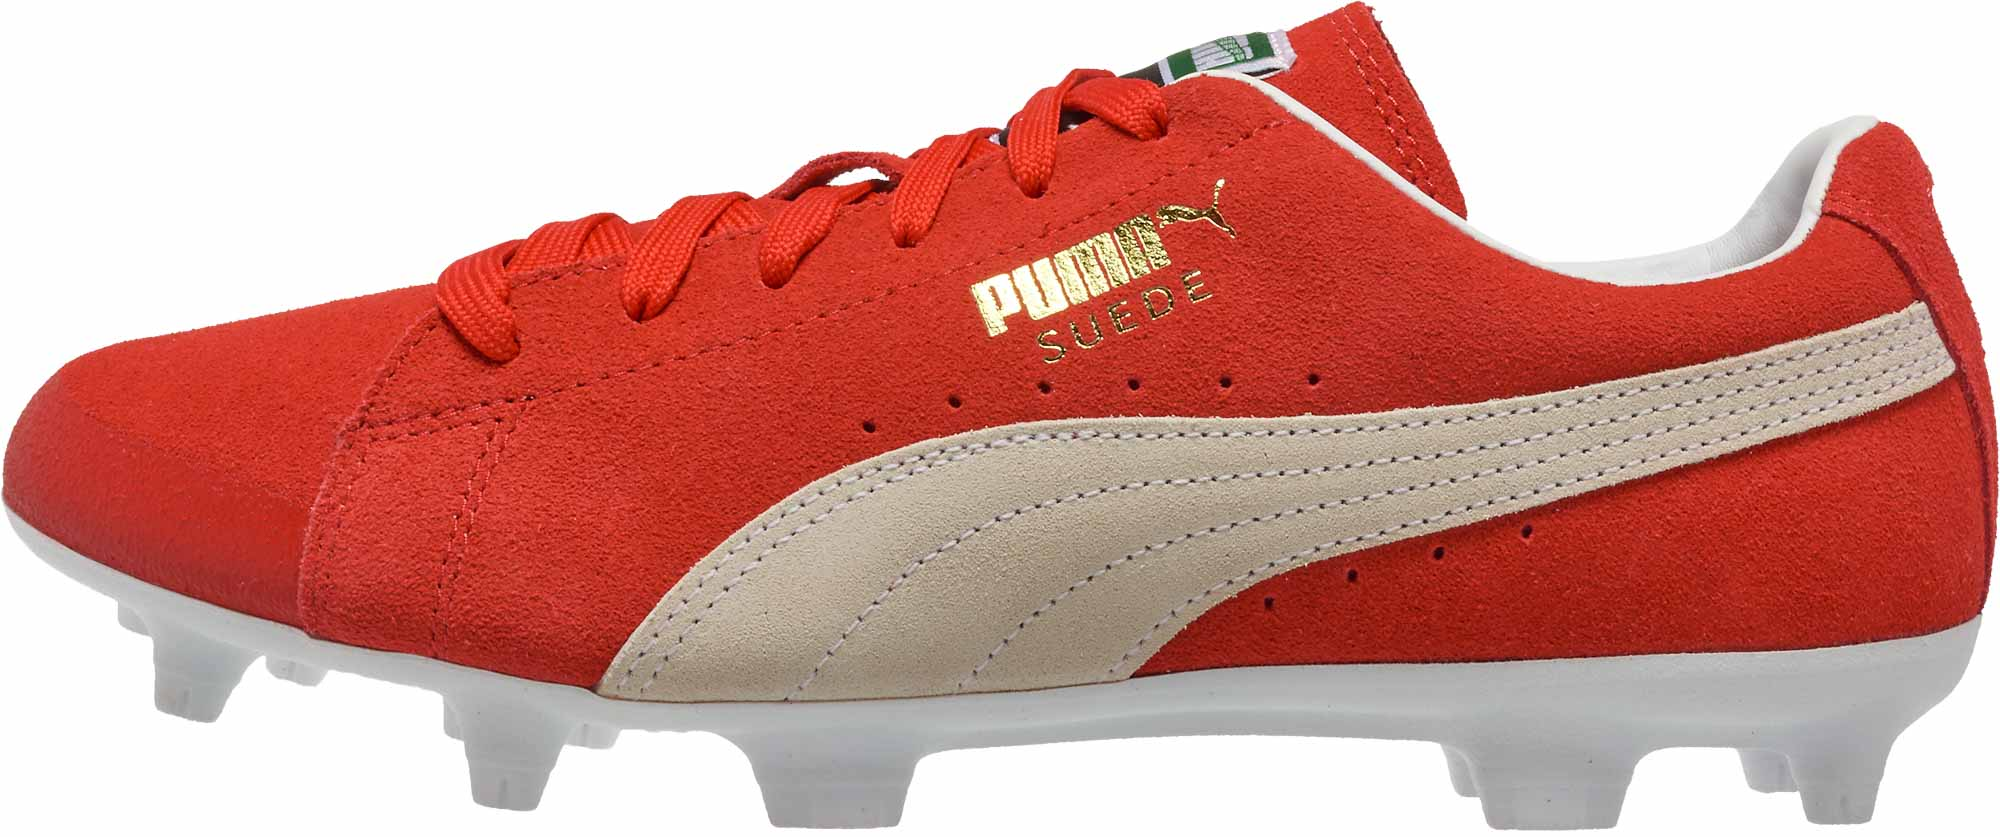 Puma Future Suede FG - 50th Anniversary - Red   White - Soccer Master 4495a705e51